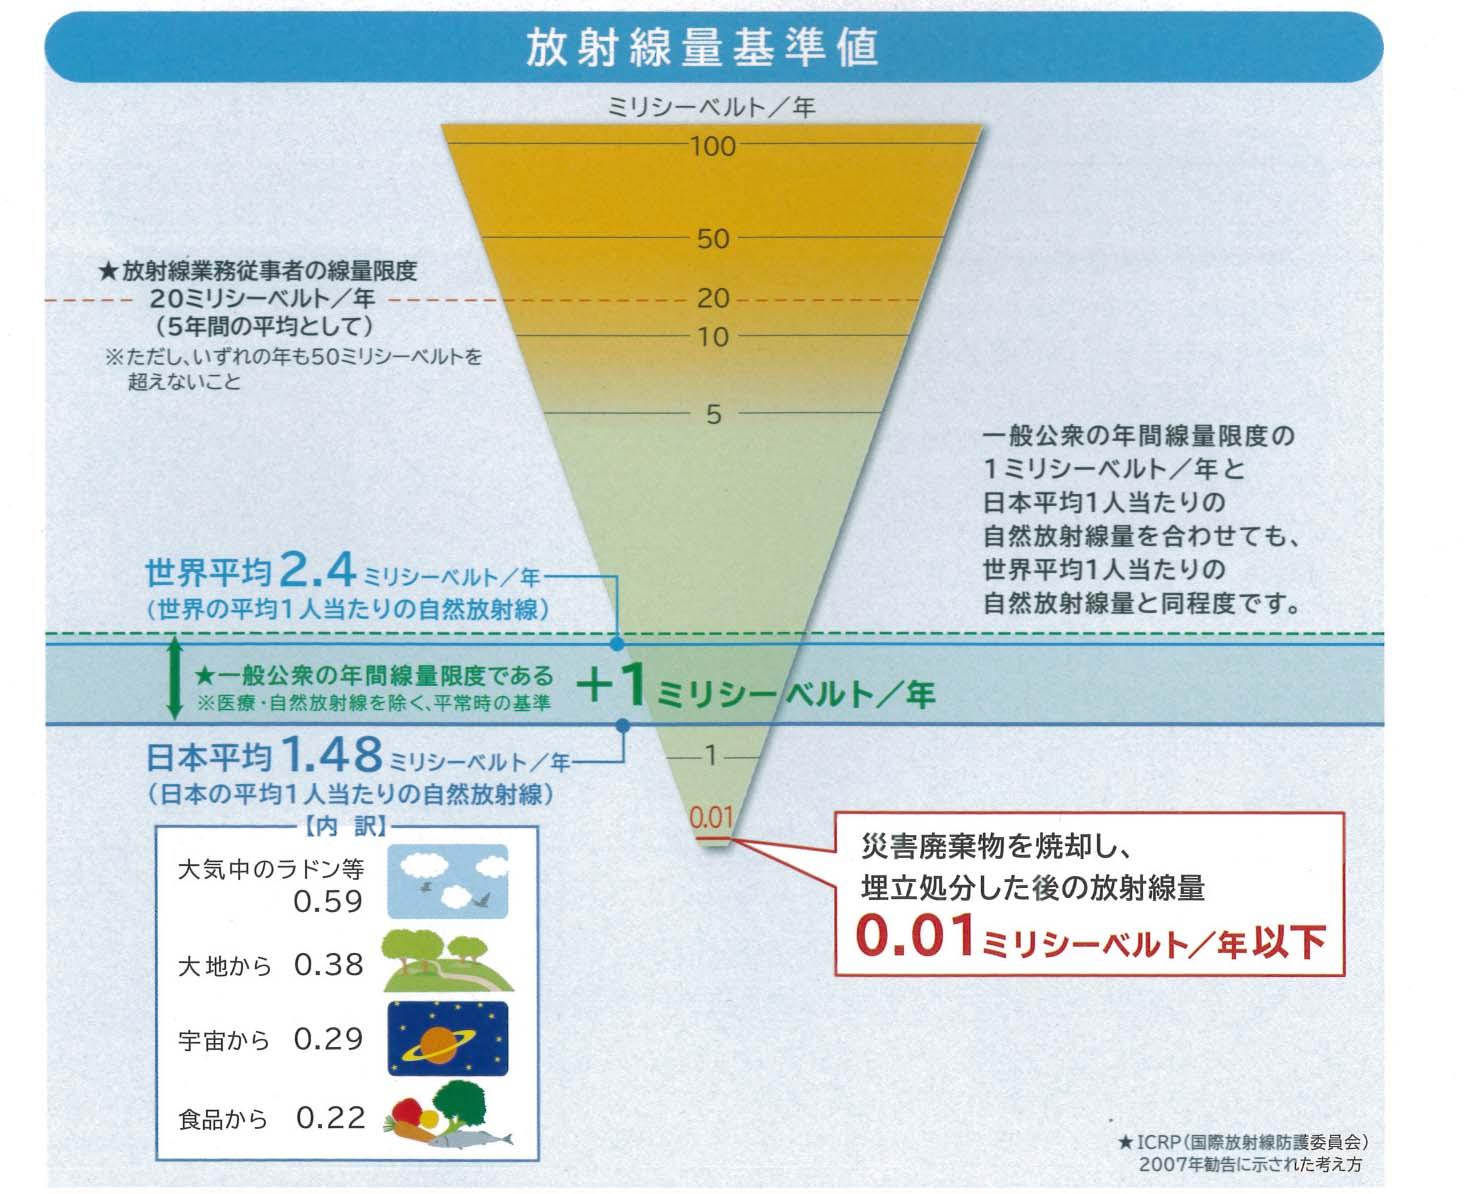 東日本大震災で発生した災害ガレキの試験焼却に関する議員全員協議会_f0141310_84048.jpg